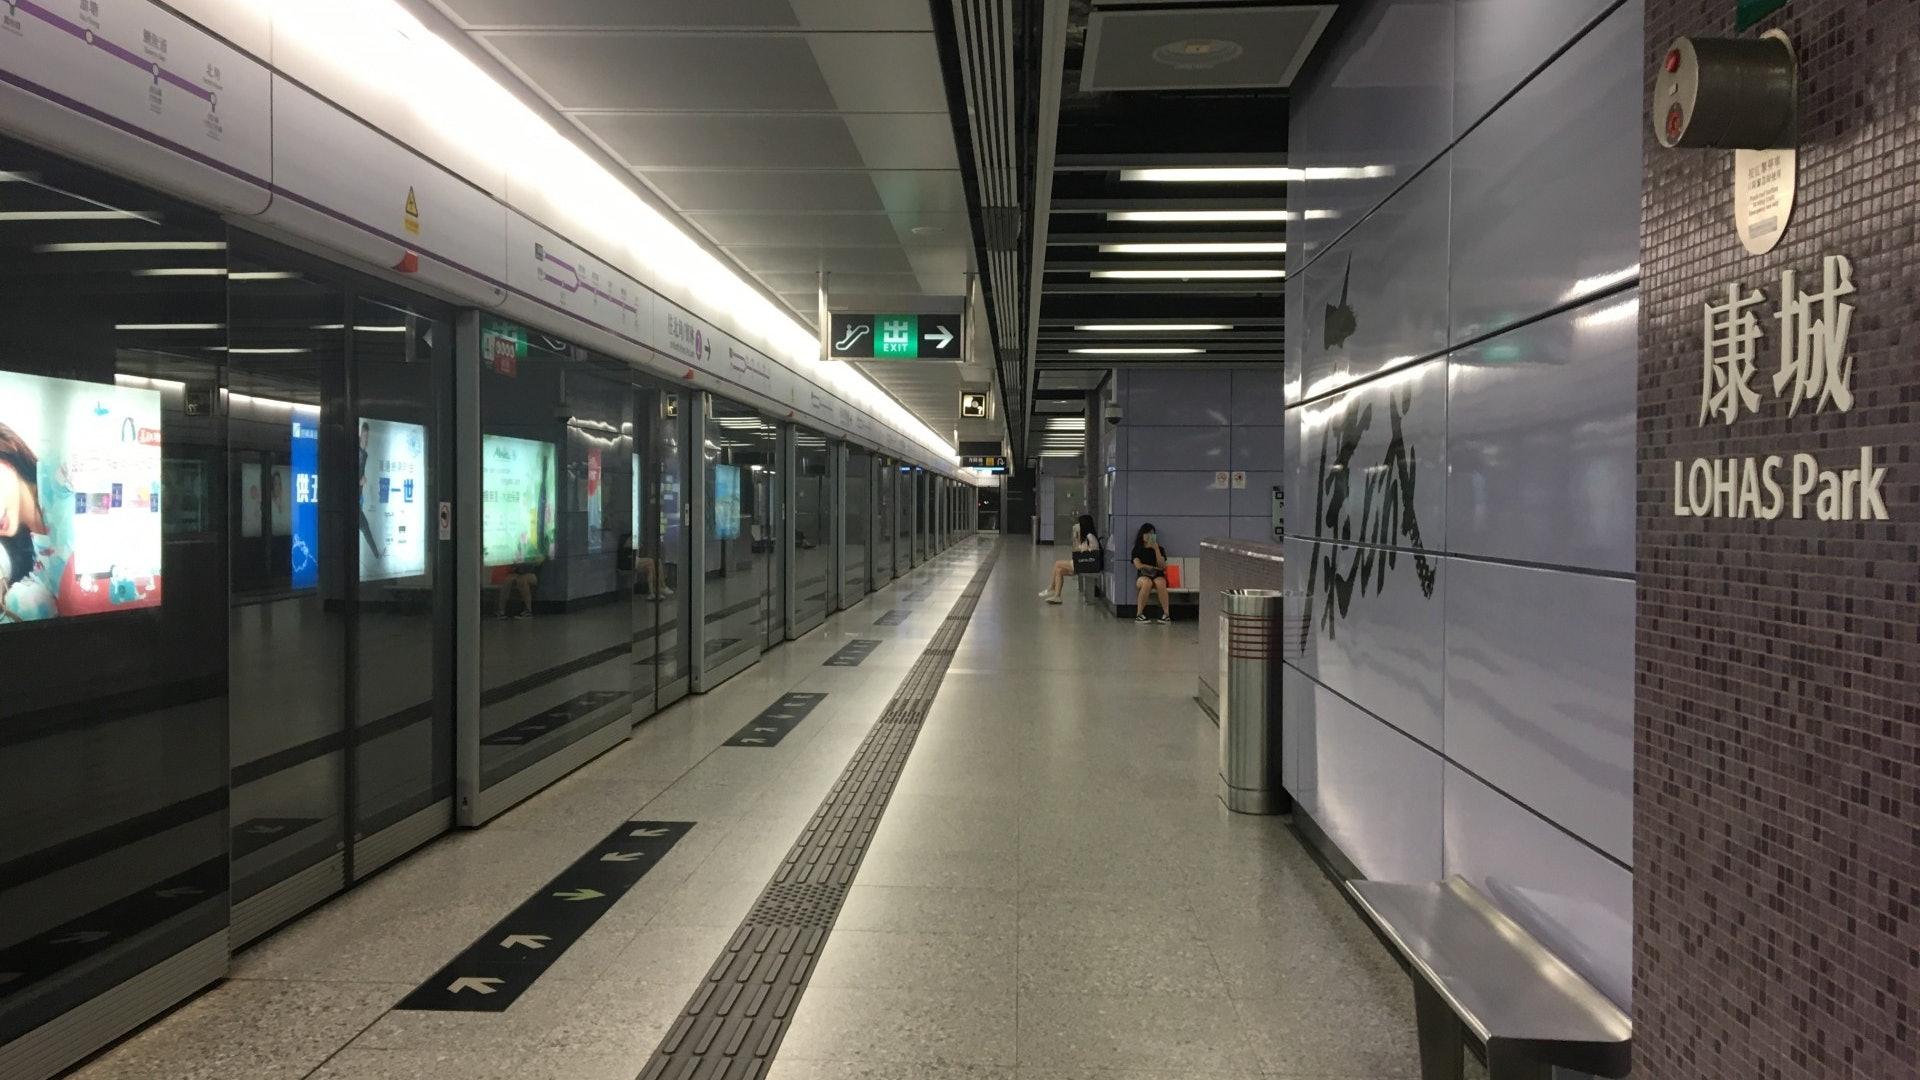 康城站新出口擬明年啓用居民不用日曬雨淋等巴士 香港01 社會新聞